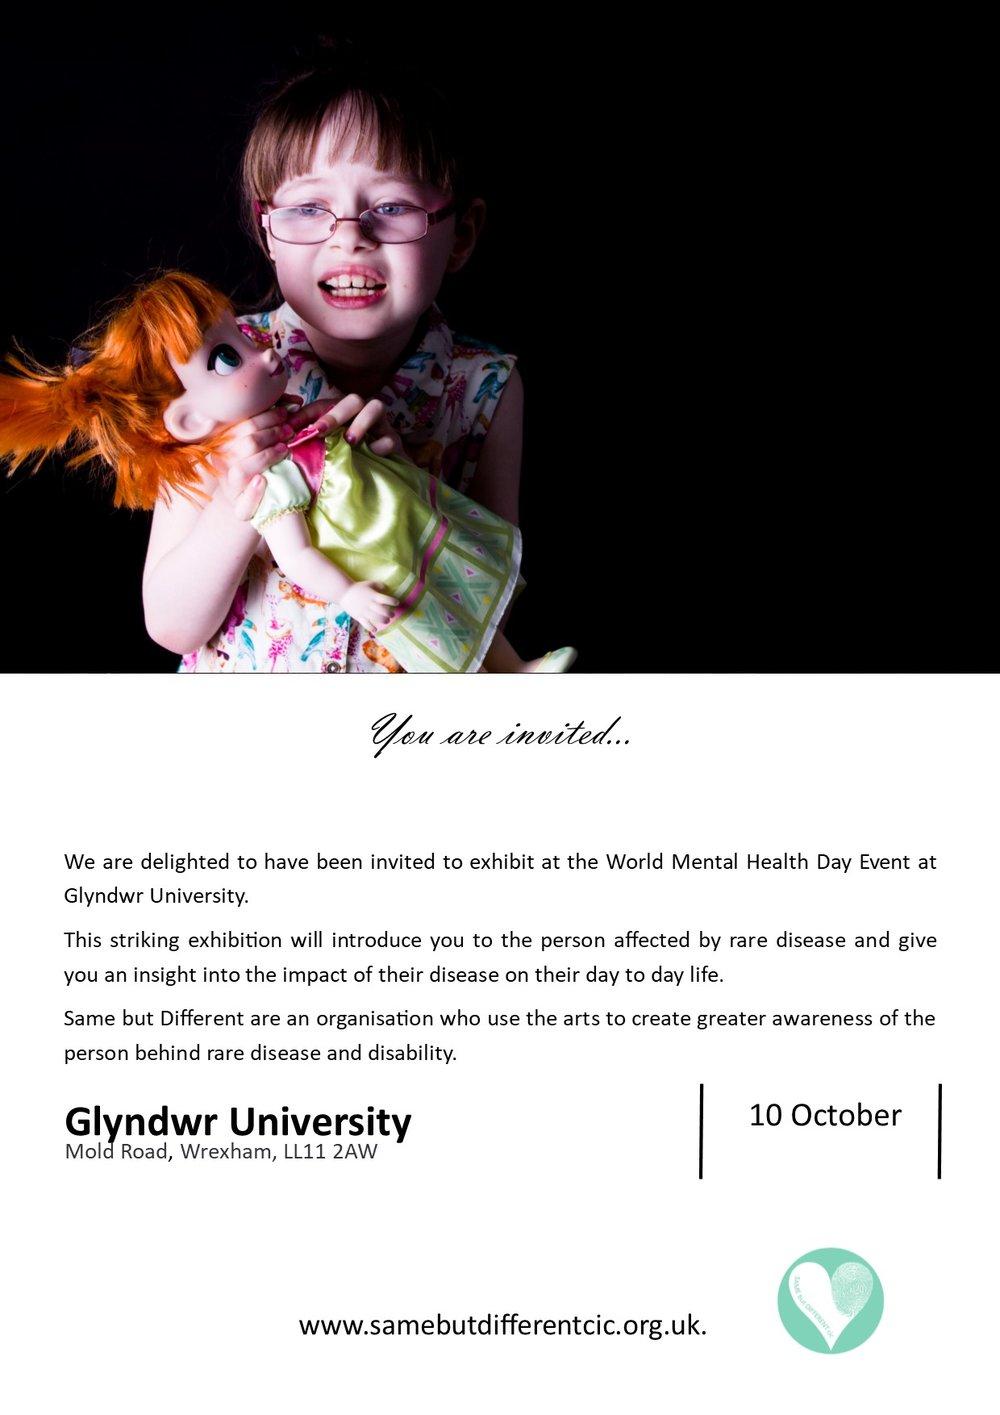 Glyndwr WMHD invite.jpg